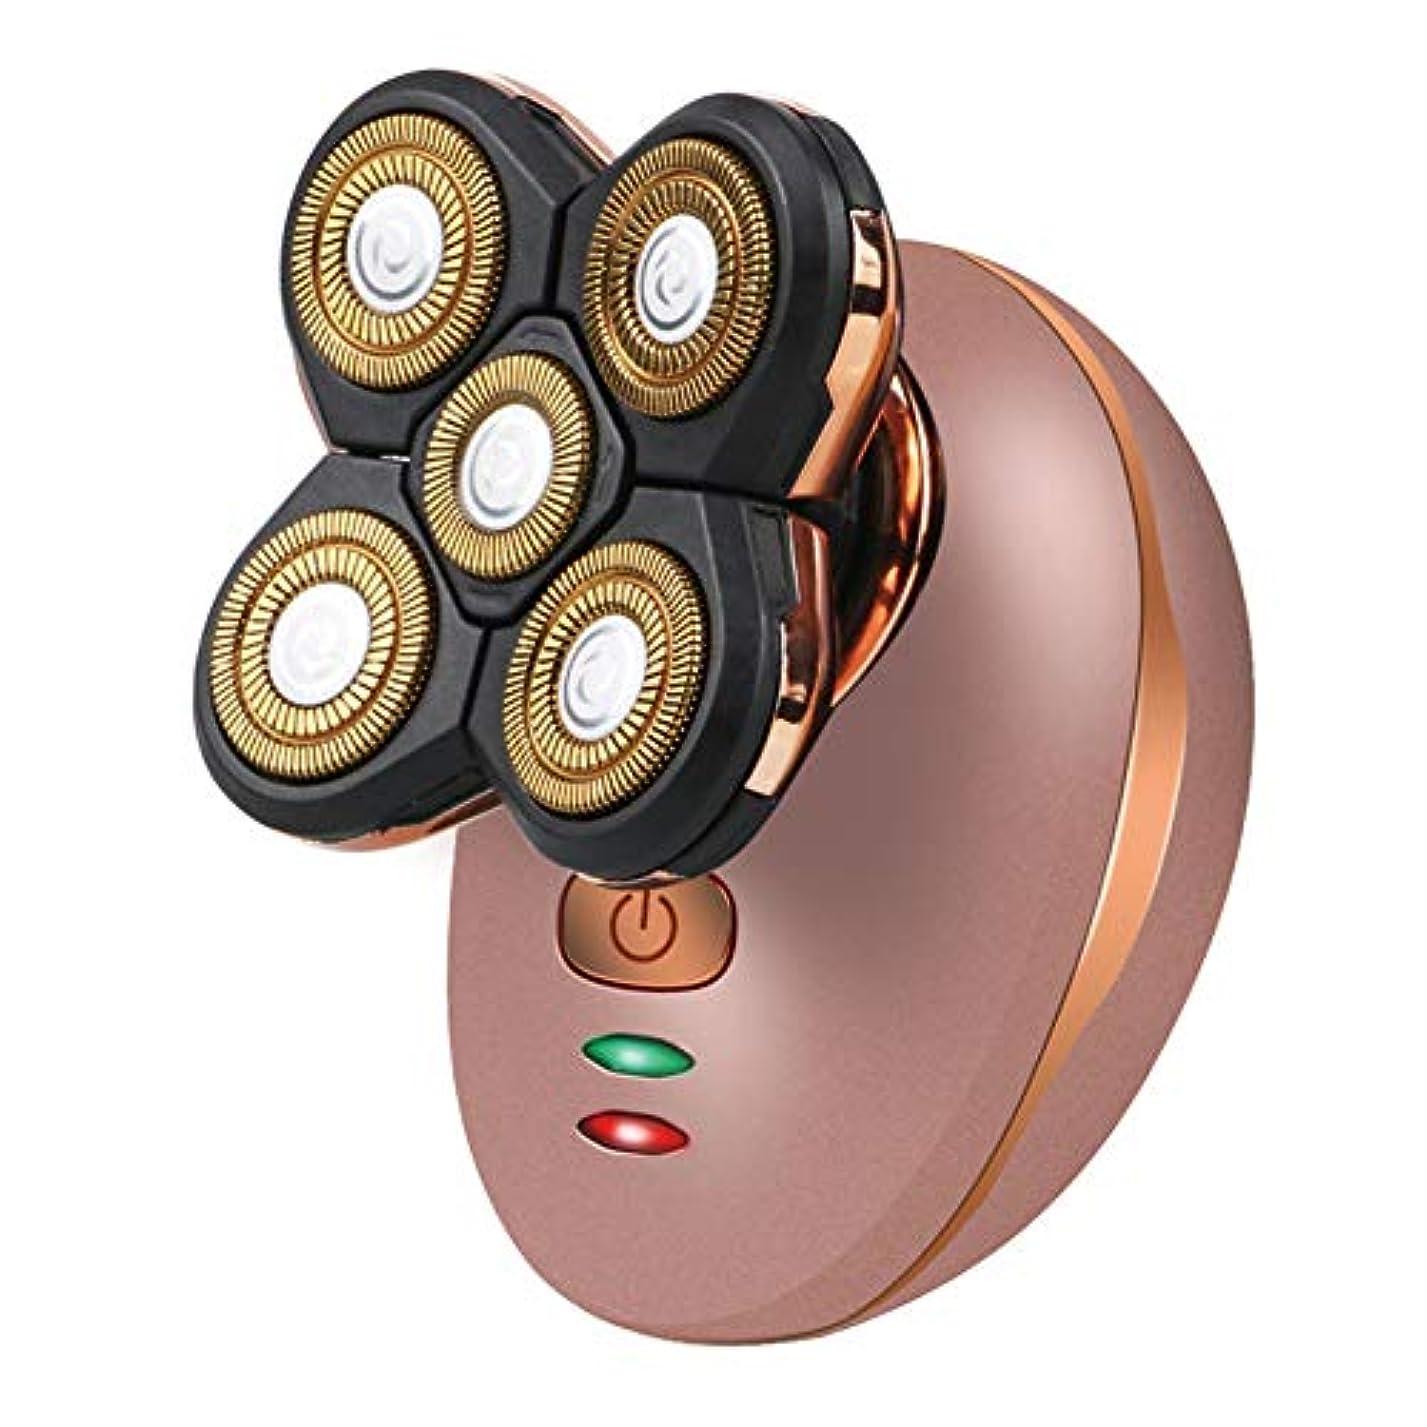 合唱団罪メガロポリス携帯用完璧なヘッド脚顔のひげ除去剤かみそり、コードレス電気防水かみそり、5フローティングヘッドUSB充電かみそり,Gold